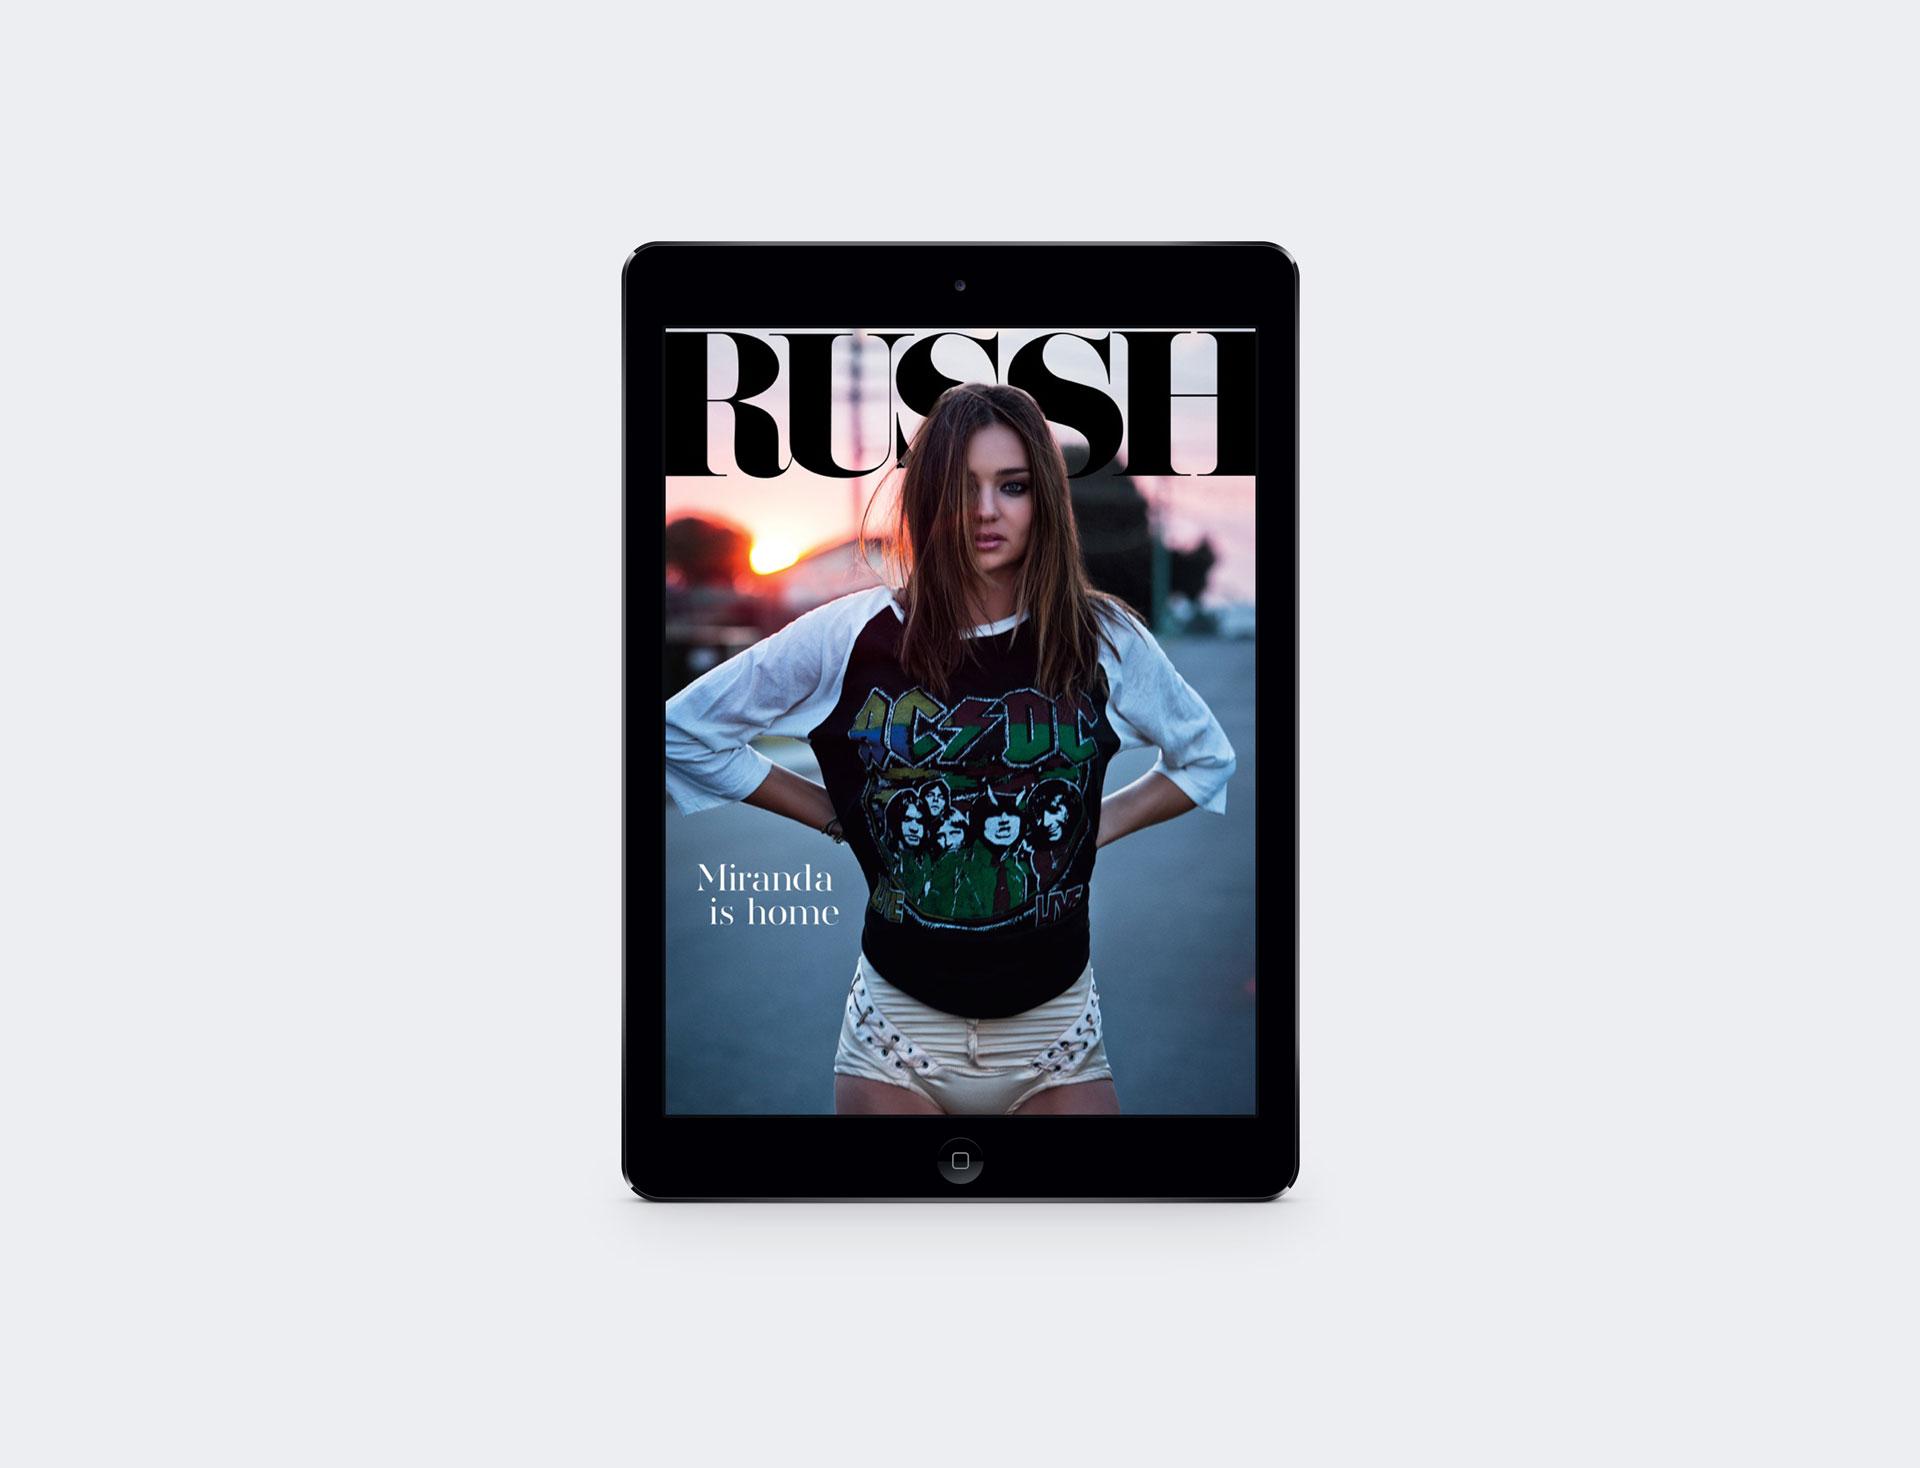 russh_feature.jpg